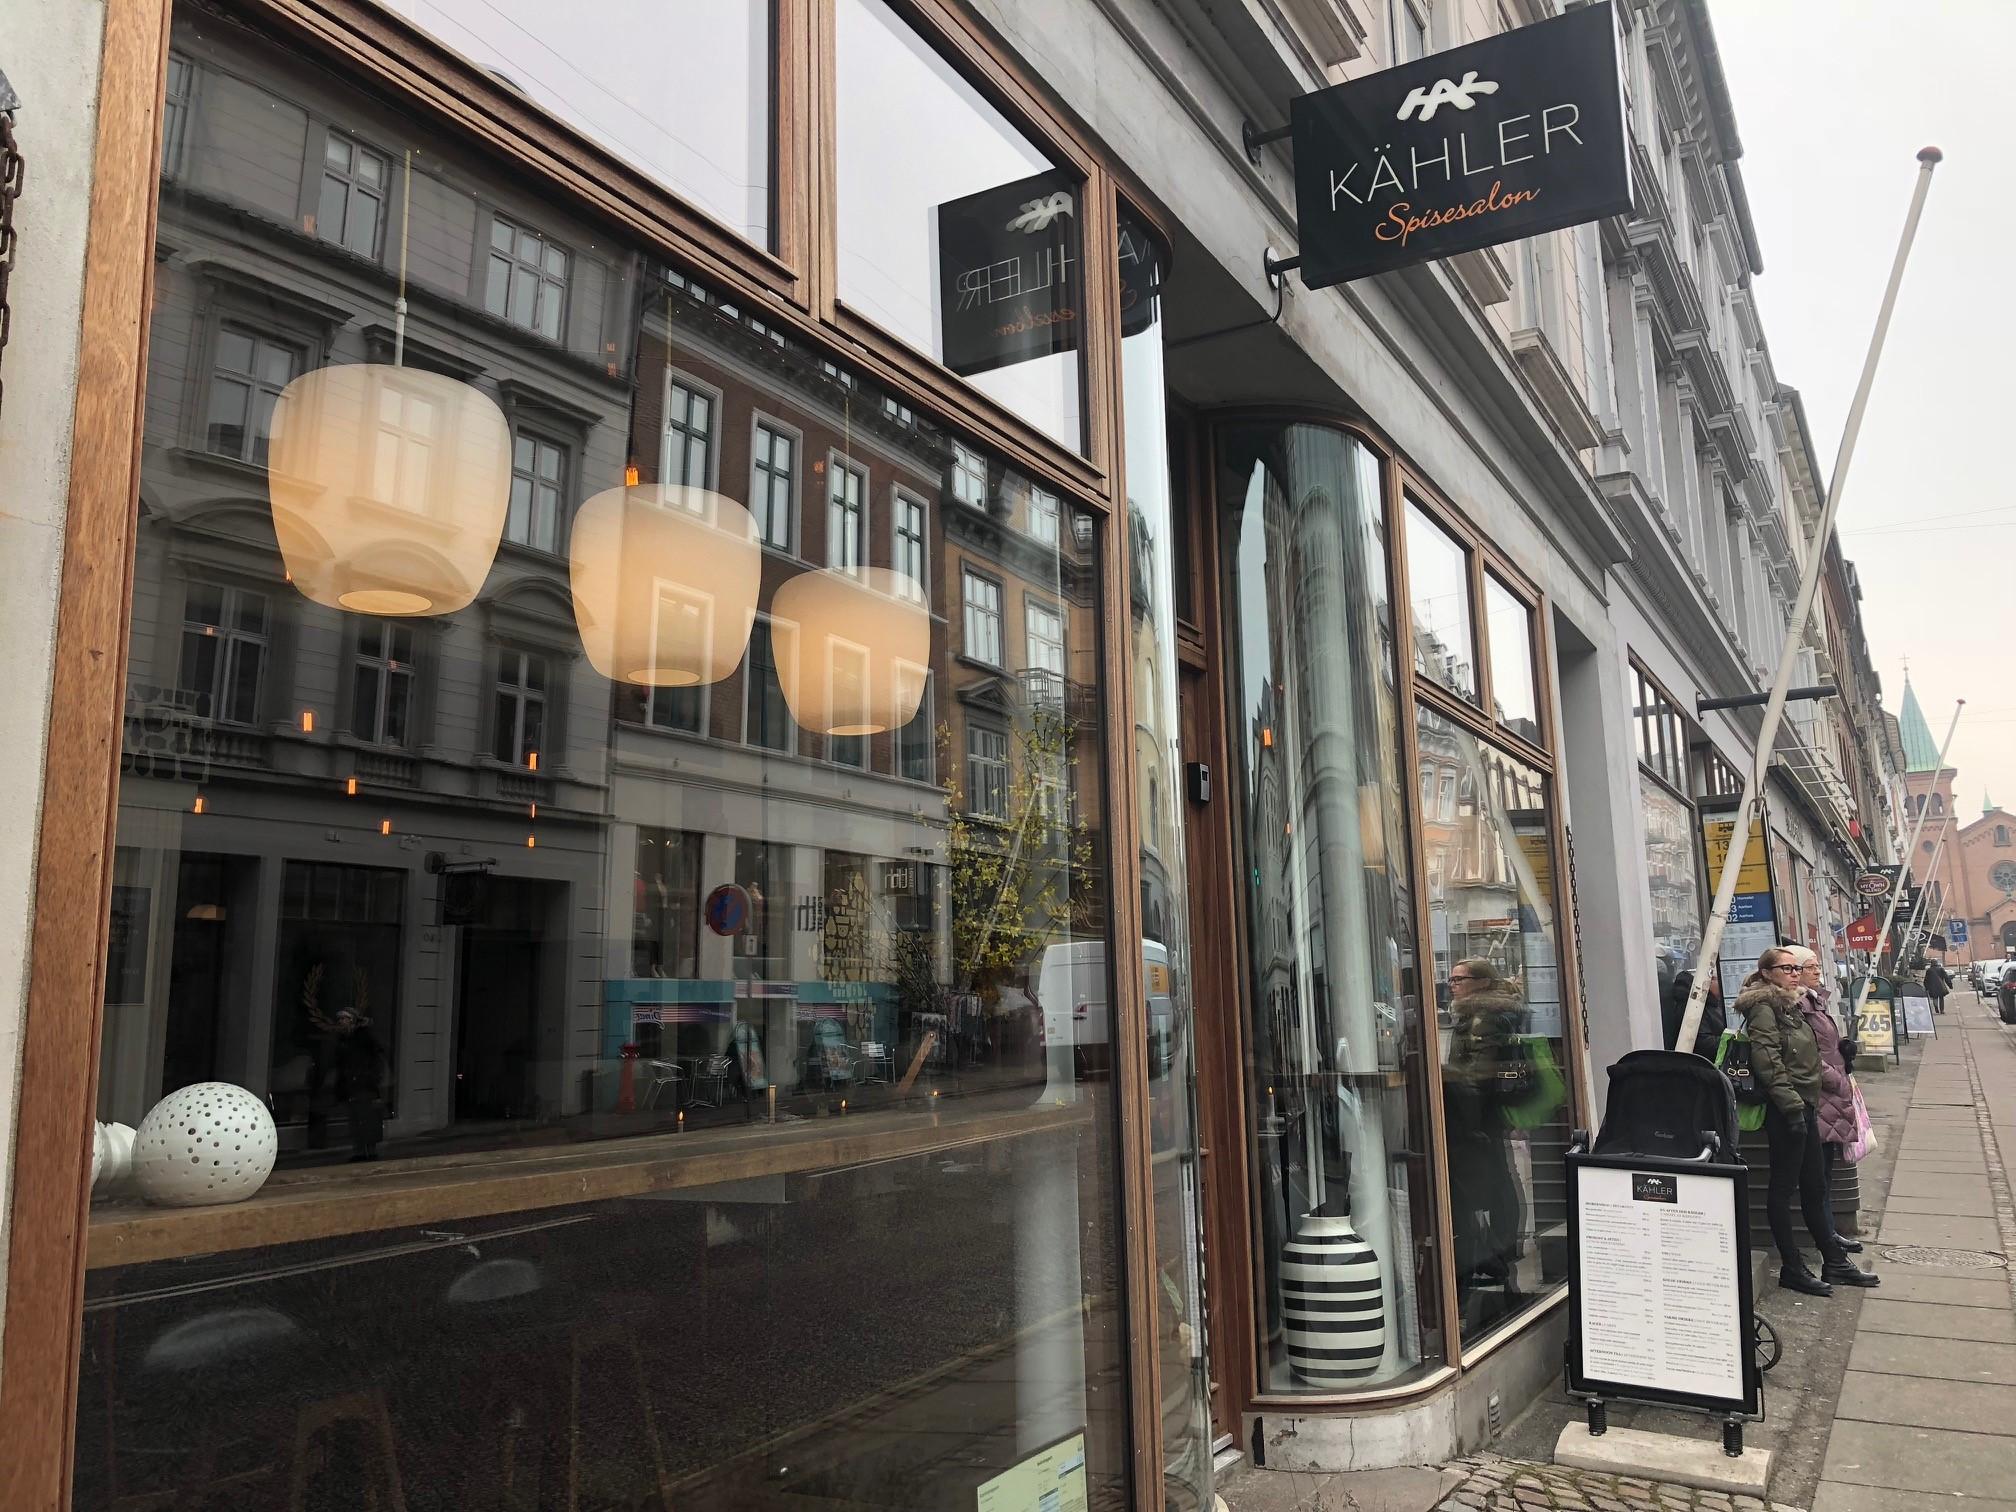 28e28c9ce1a Opfølgning: Aarhus sprudler - også om onsdagen   Retail Institute ...